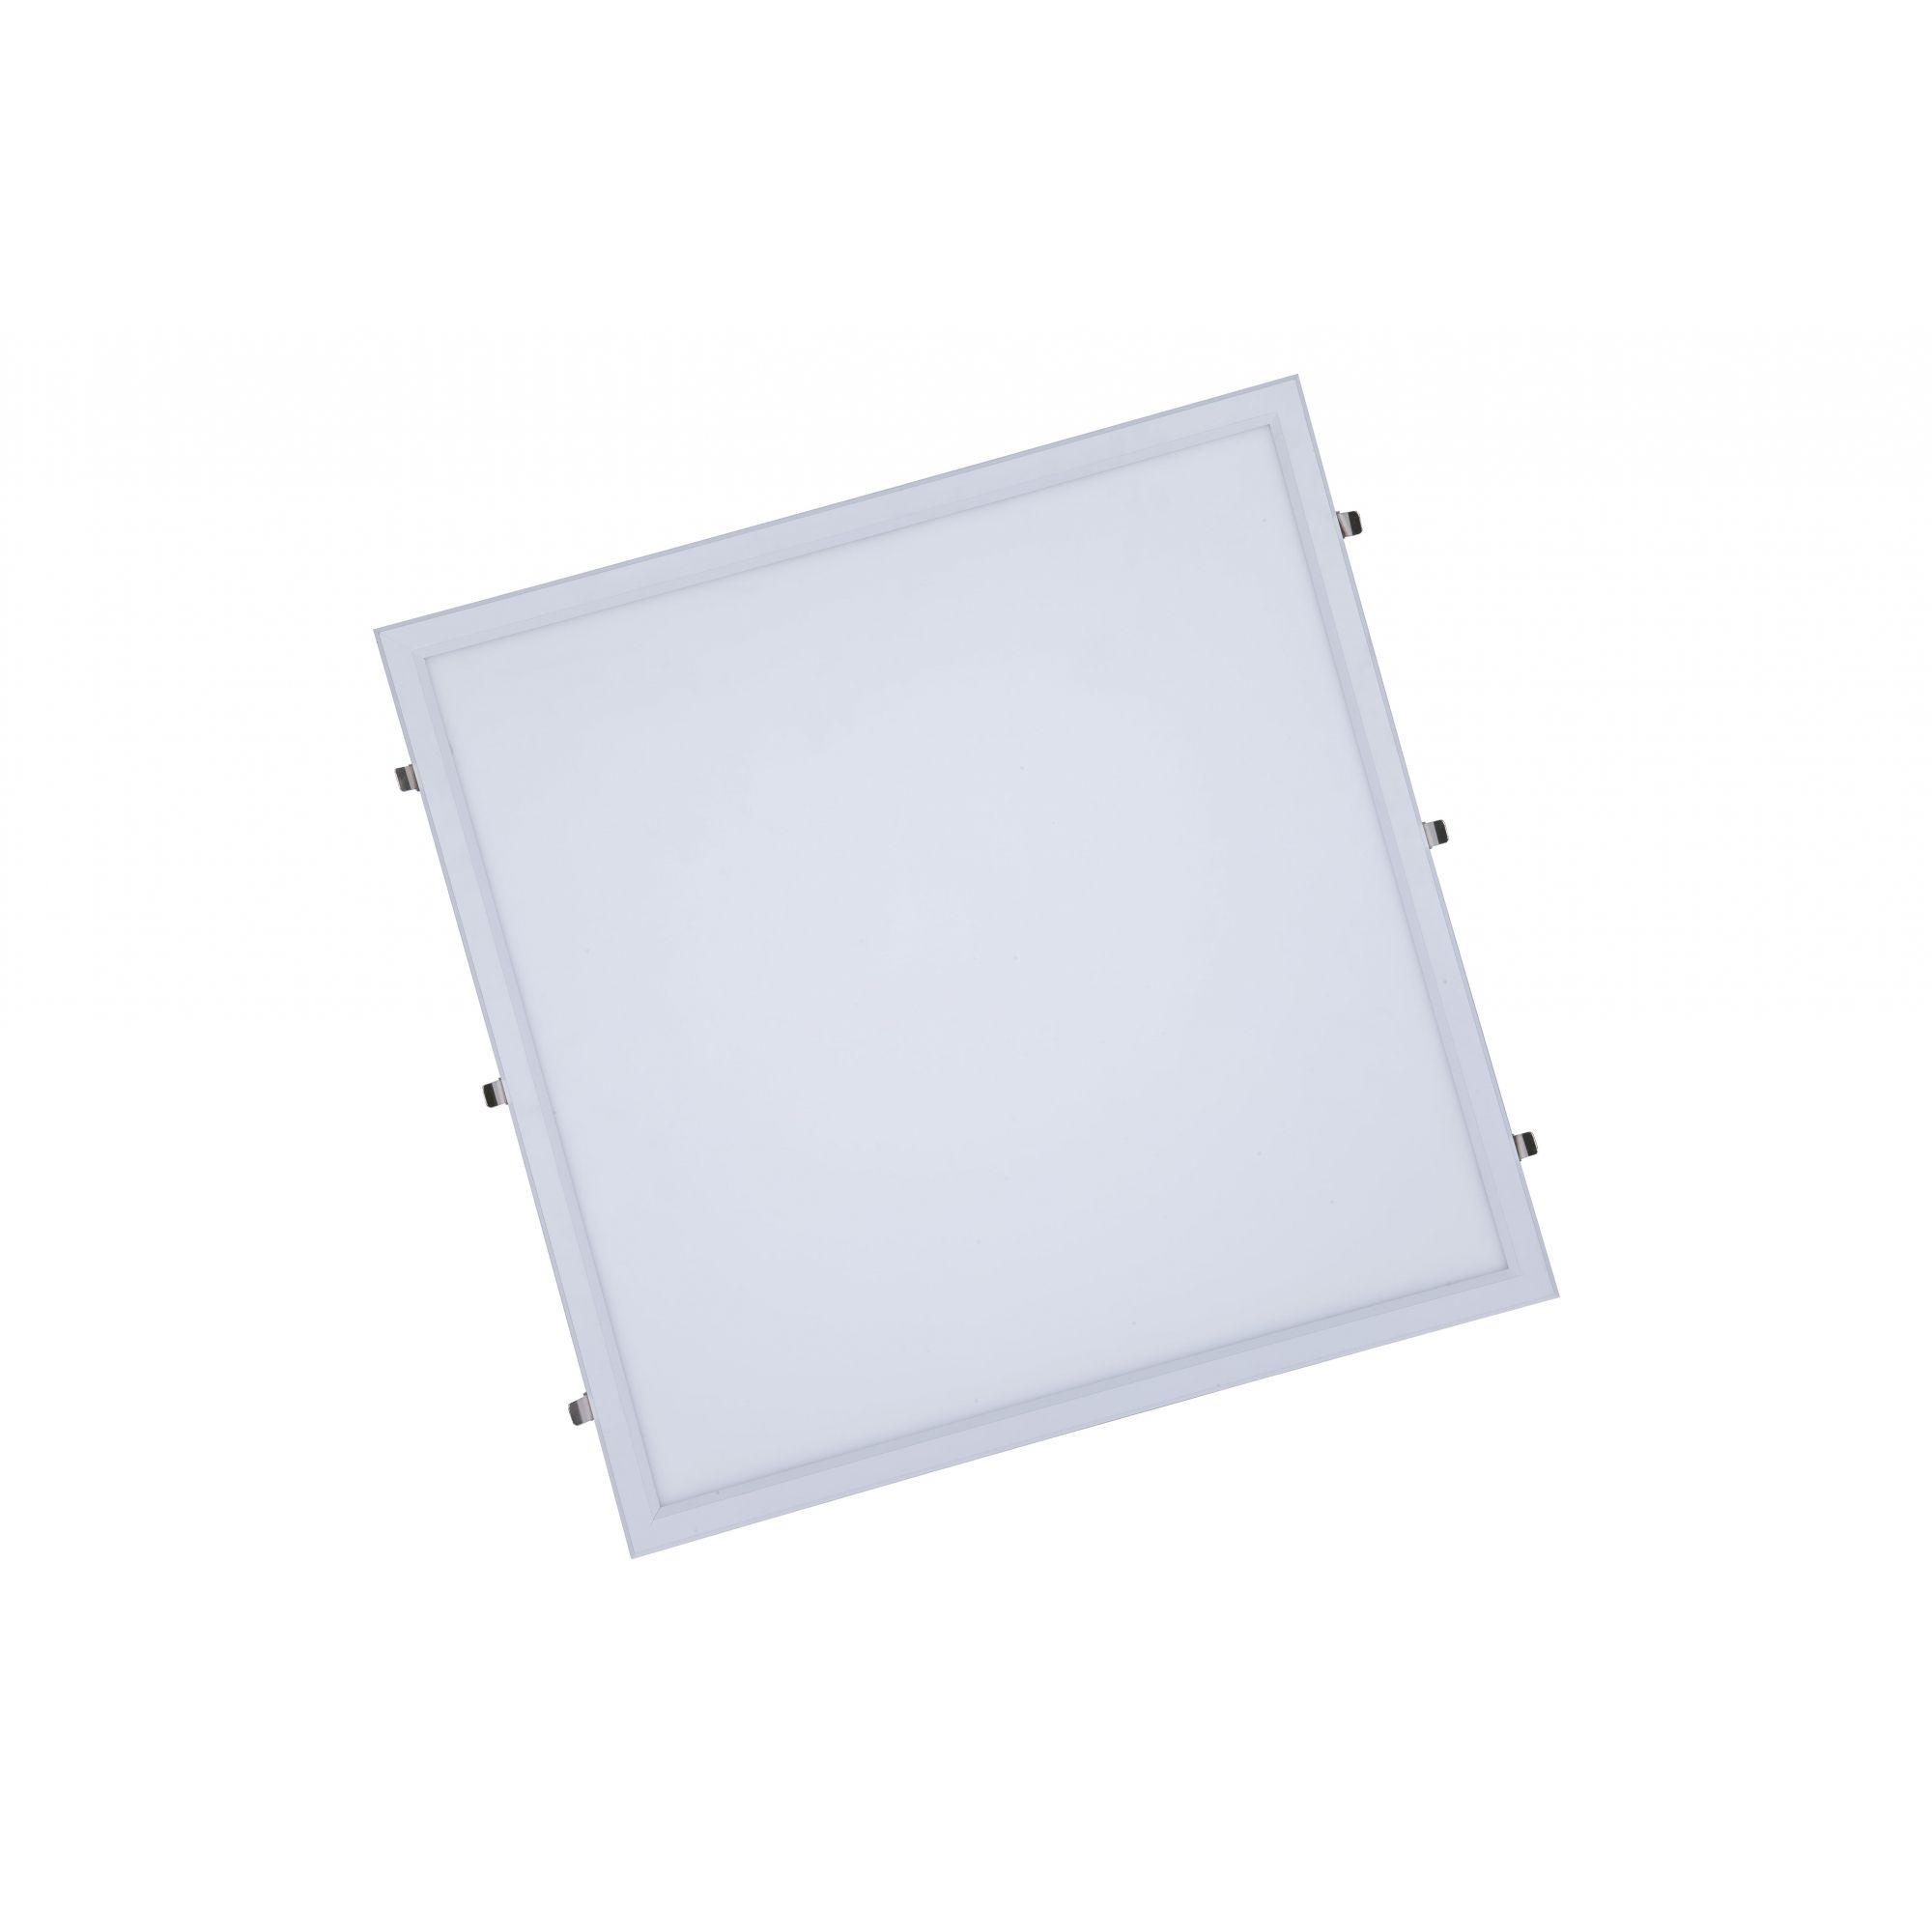 Painel Dimerizavel de Embutir 60W (62x62 cm)